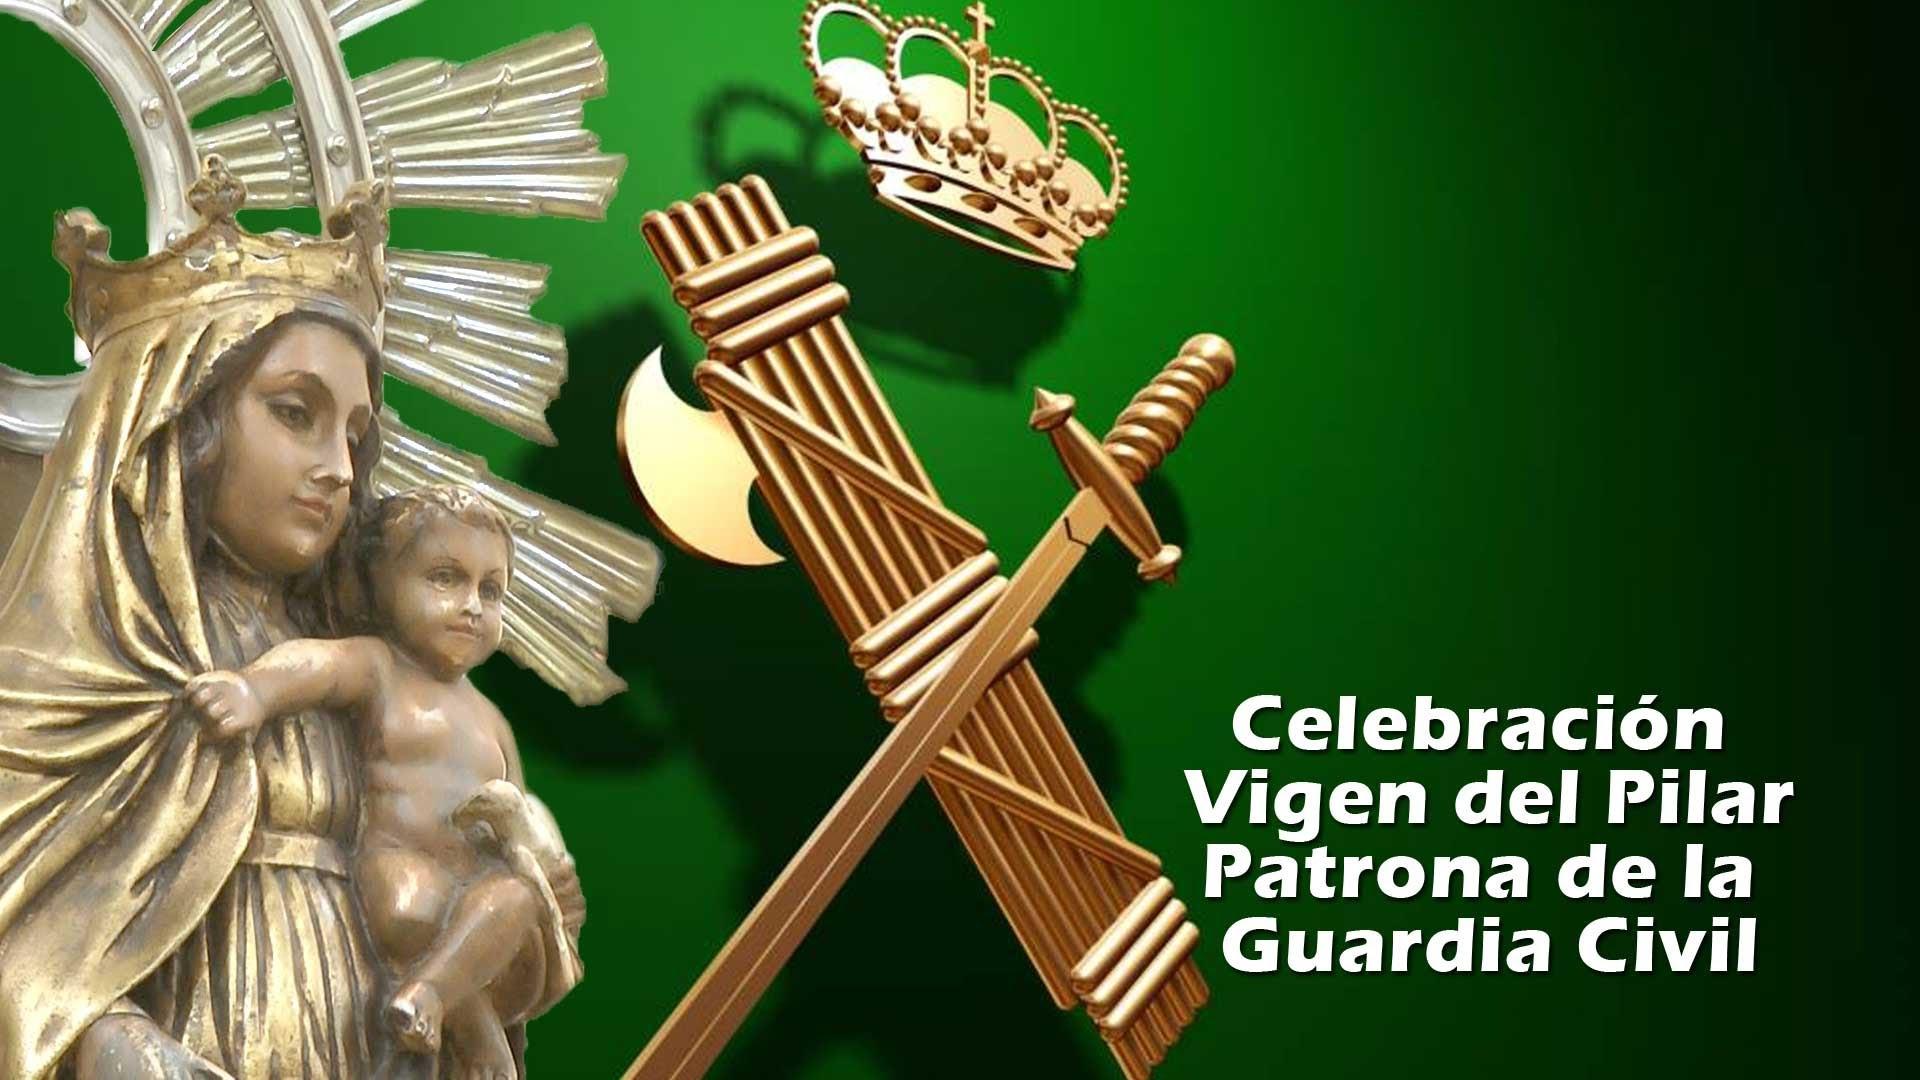 Resultado de imagen de virgen del pilar y la guardia civil